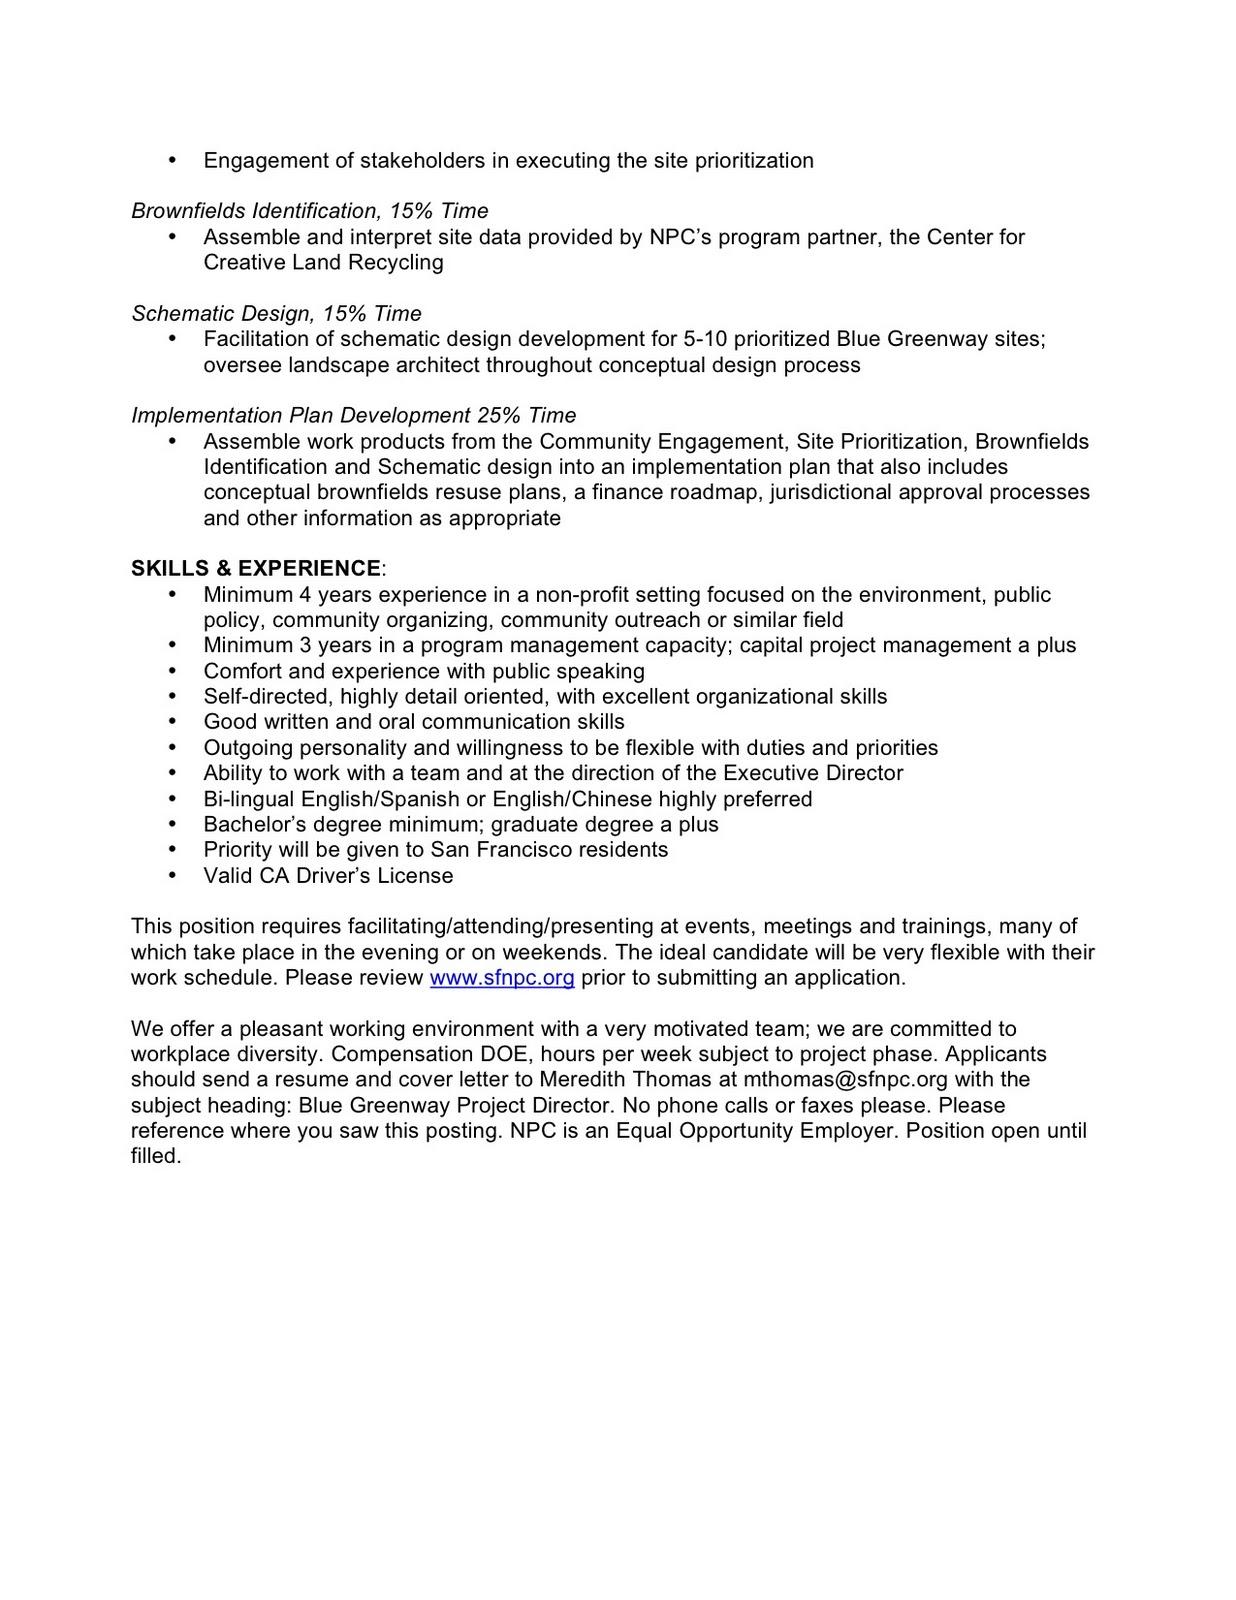 D10 Watch December 2010 – New Job Announcement Letter